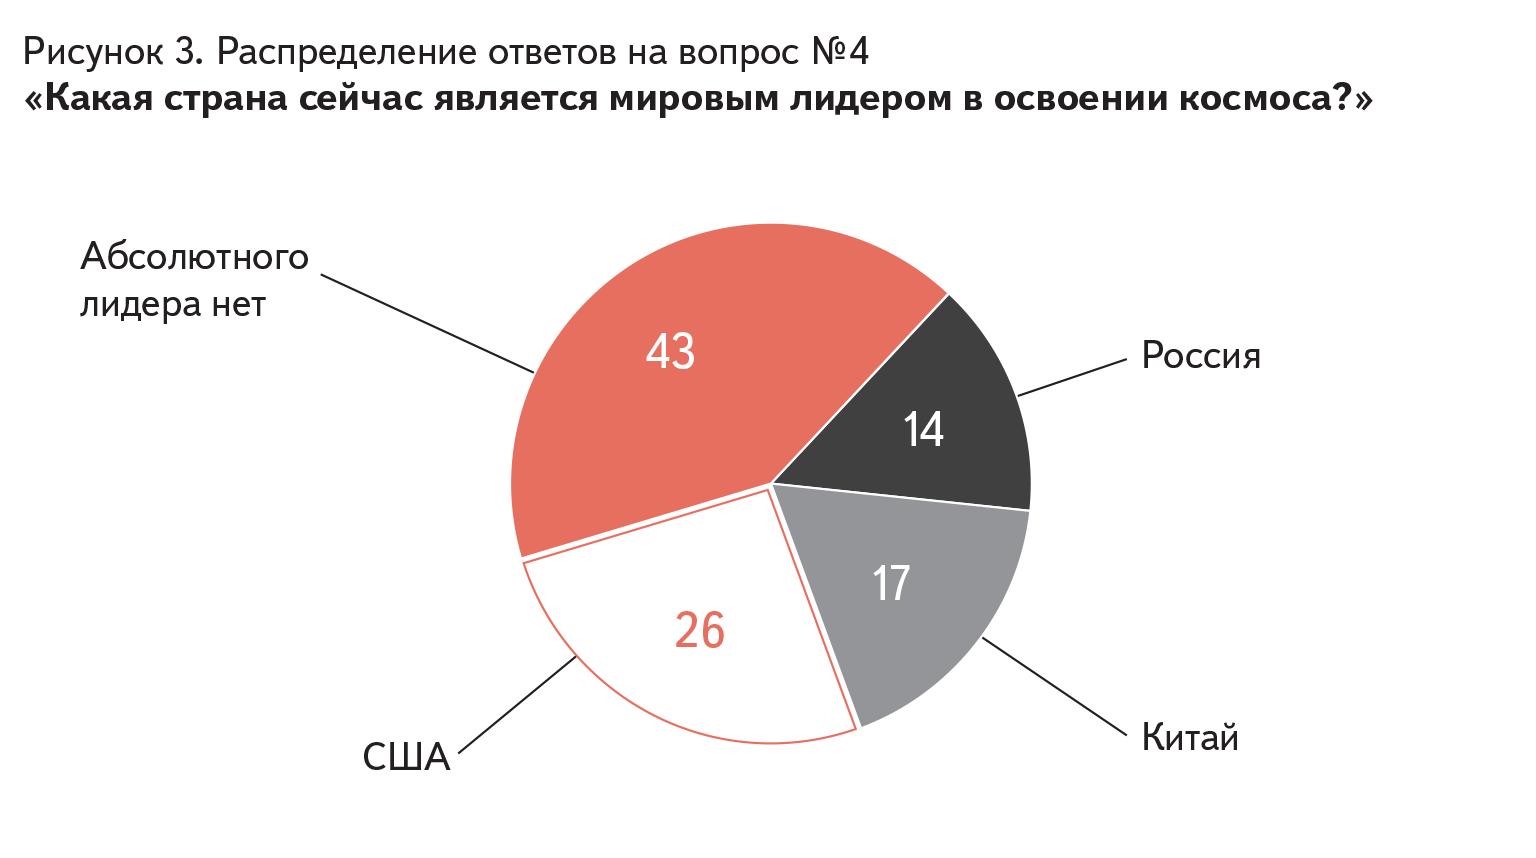 Распределение ответов на вопрос № 4 «Какая страна сейчас является мировым лидером в освоении космоса?»